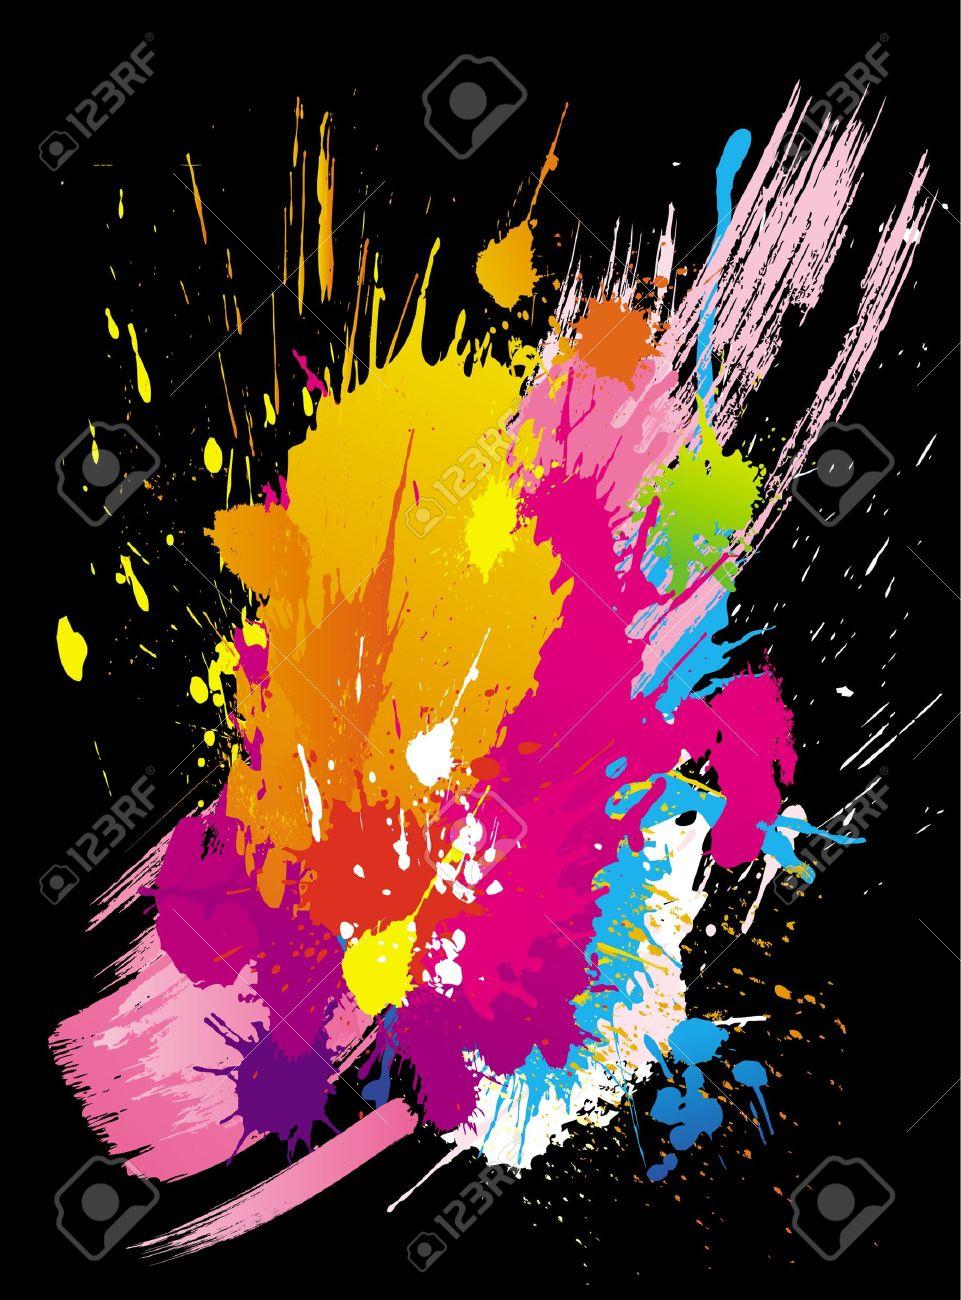 Graffiti Splatter Background